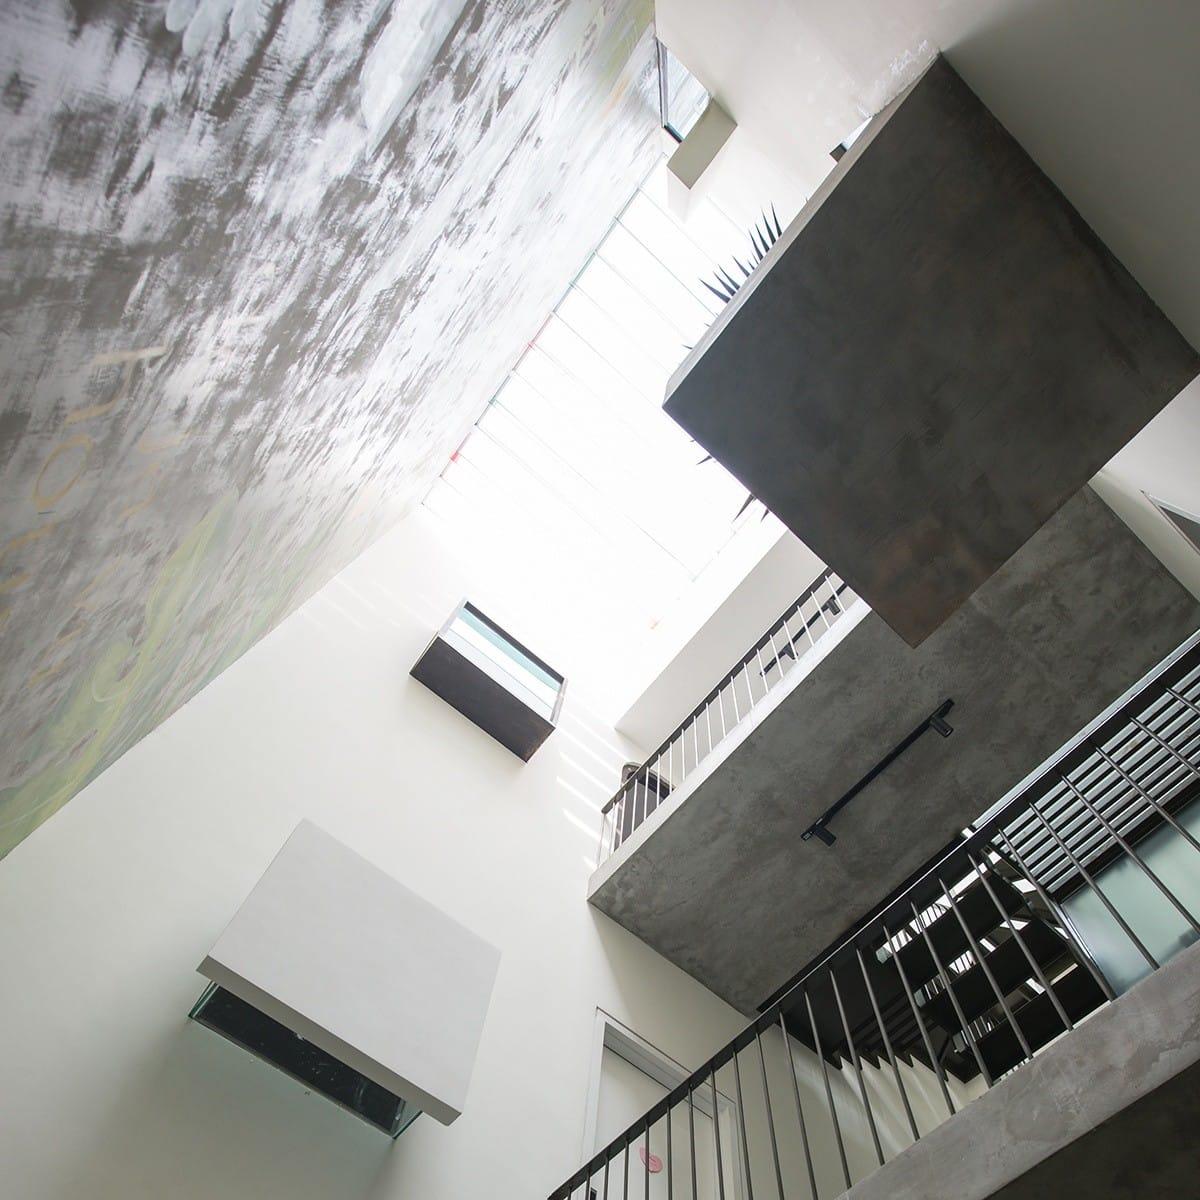 Deja Vu house - Căn shophouse đa chức năng bên bờ biển Vịnh Hạ Long | Nemo studio